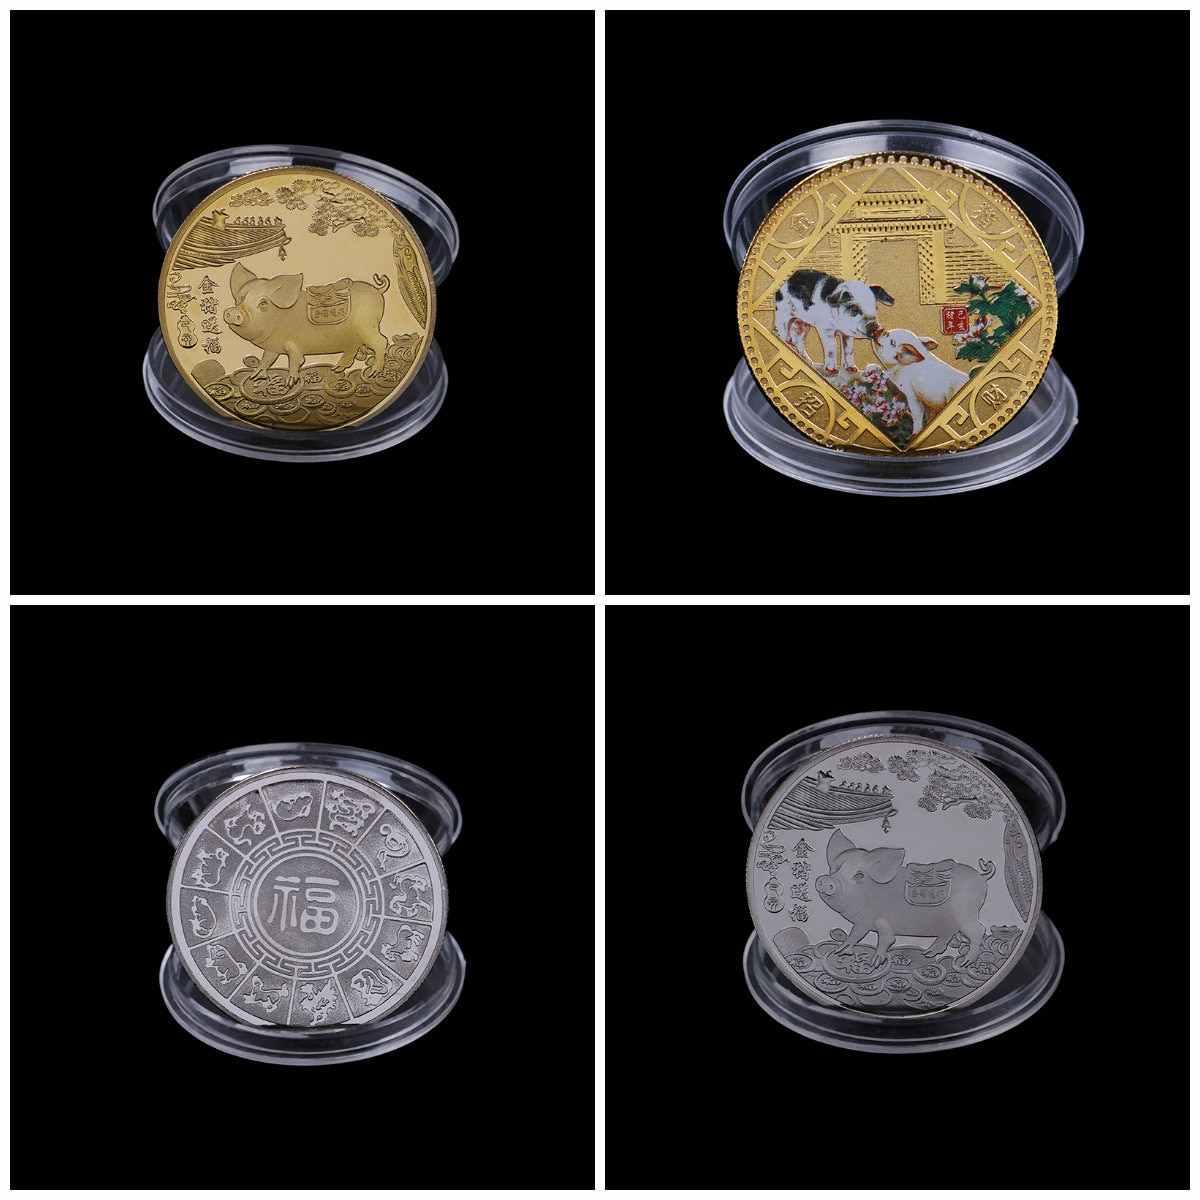 2019 Fu Pig памятная монета год свиньи поставляет деньги коллекция монет подарок на Новый год золото посеребренный Горячий